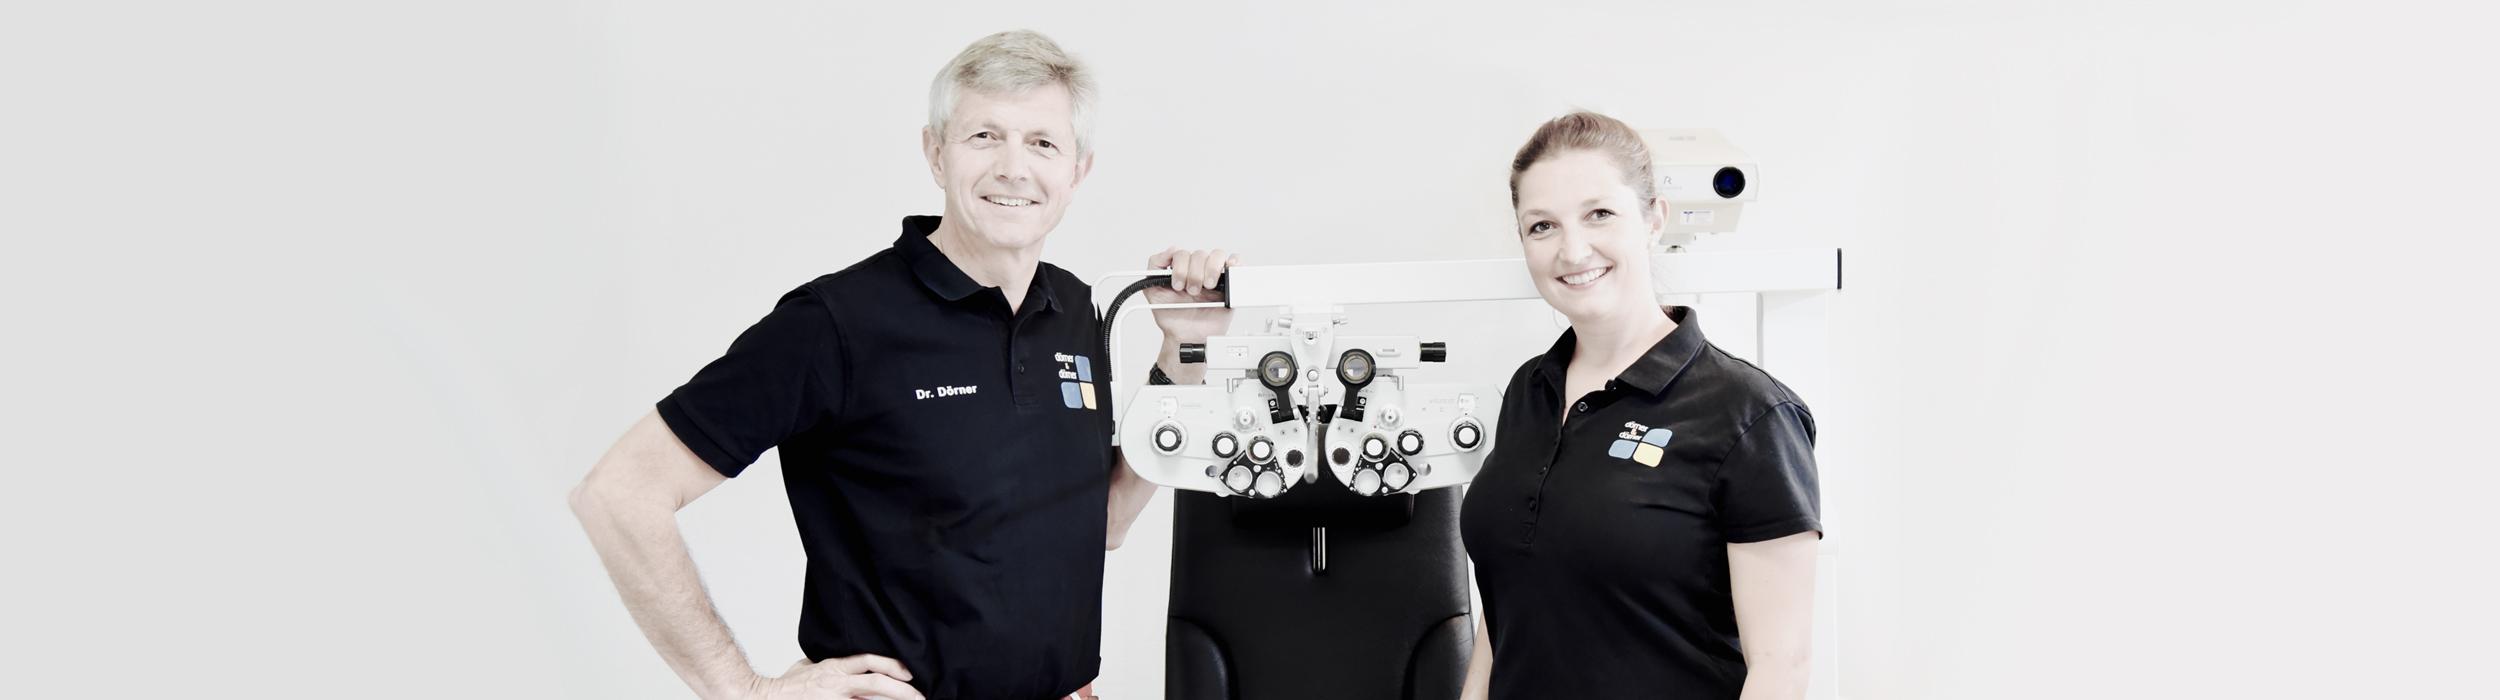 Augenarzten Dörner & Dörner